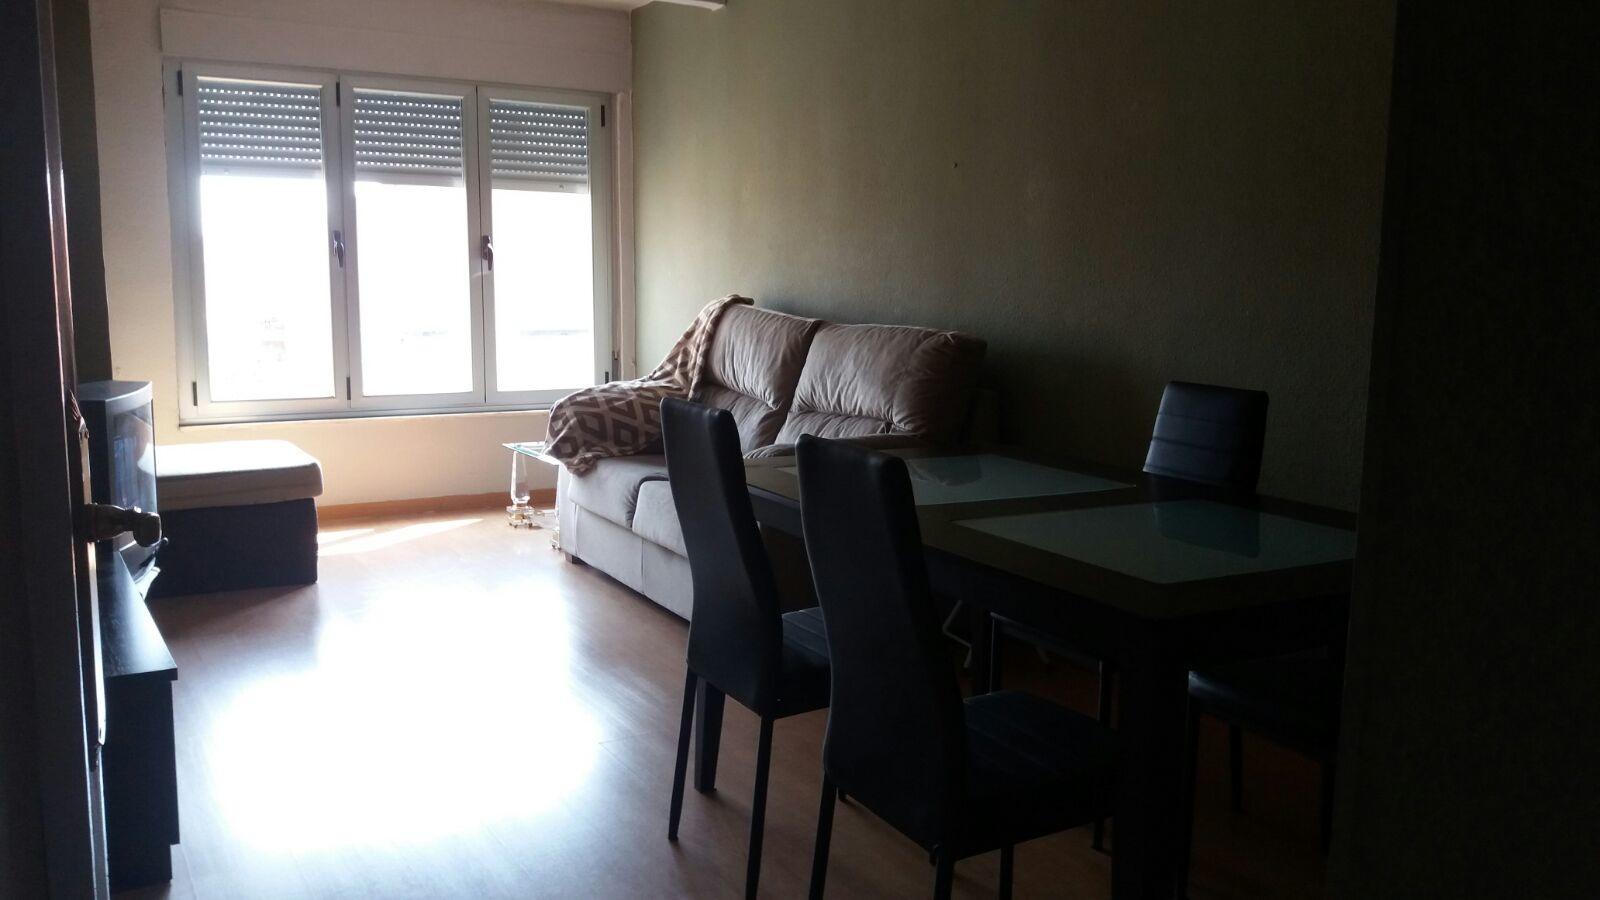 se-alquila-piso-amueblado-3-habitaciones-cocina-salon-bano-equipados-cerca-universidad-ideal-estudiantes-4f5337c39794bd4a4162d064a8c6a6cc